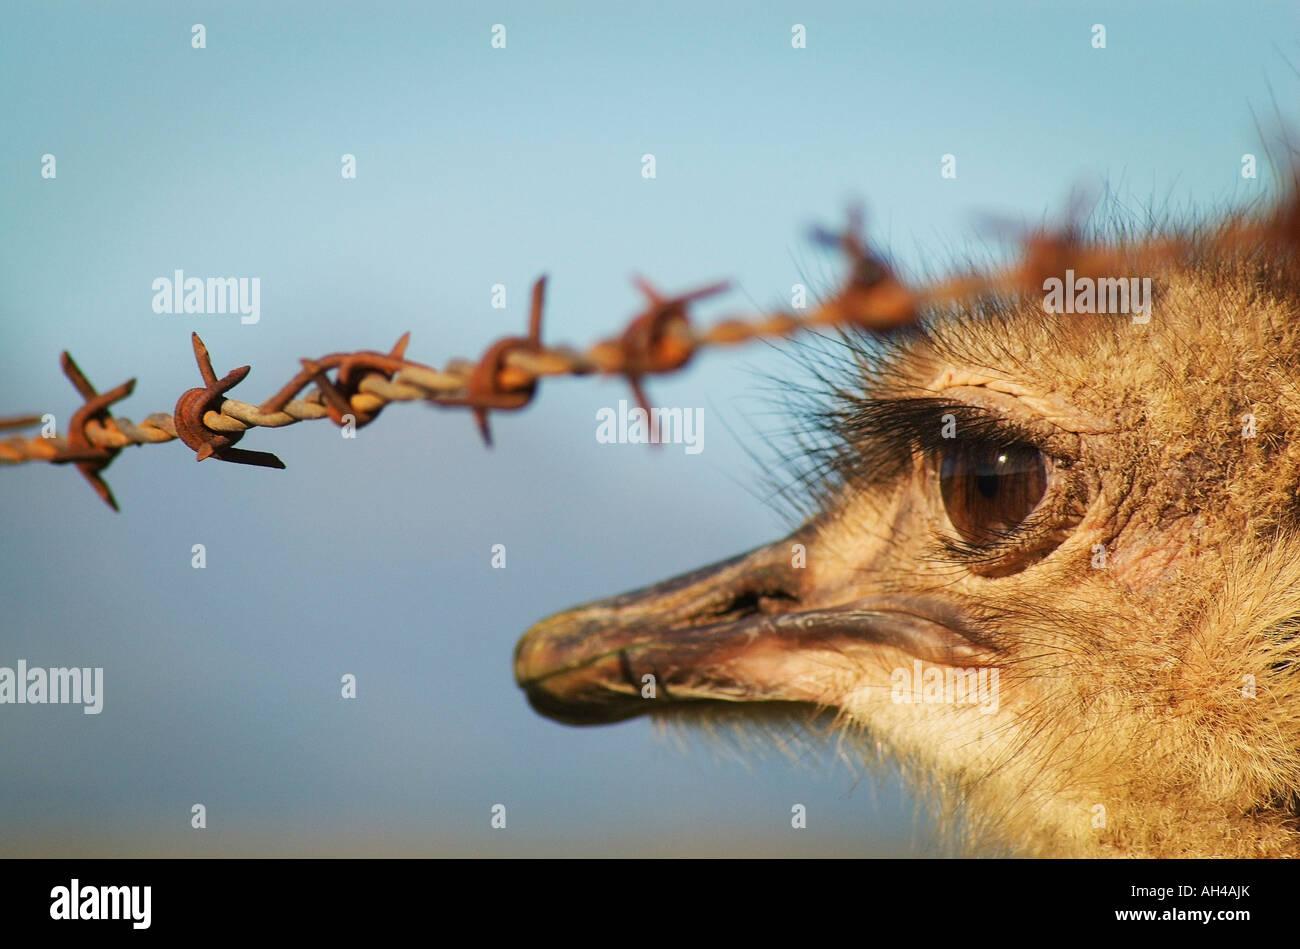 Close up of bird's face - Stock Image